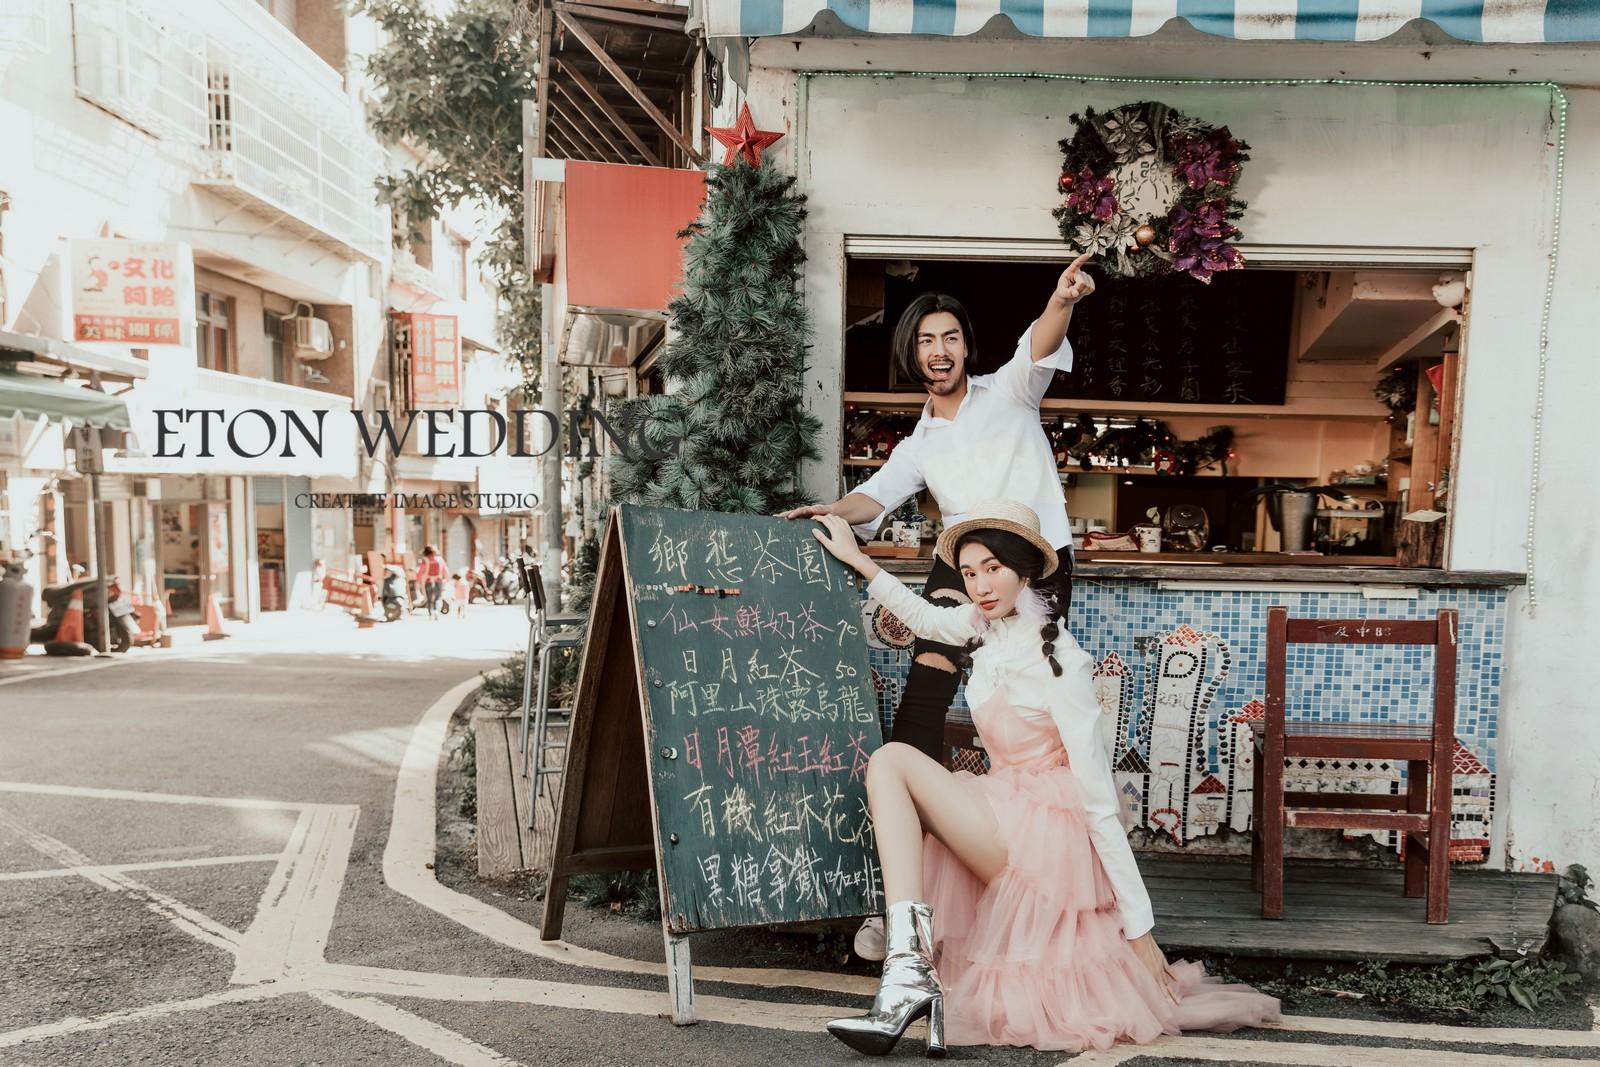 拍婚紗照,婚紗照風格,婚紗照價格,婚紗攝影價格,拍婚紗價格,老街隨拍